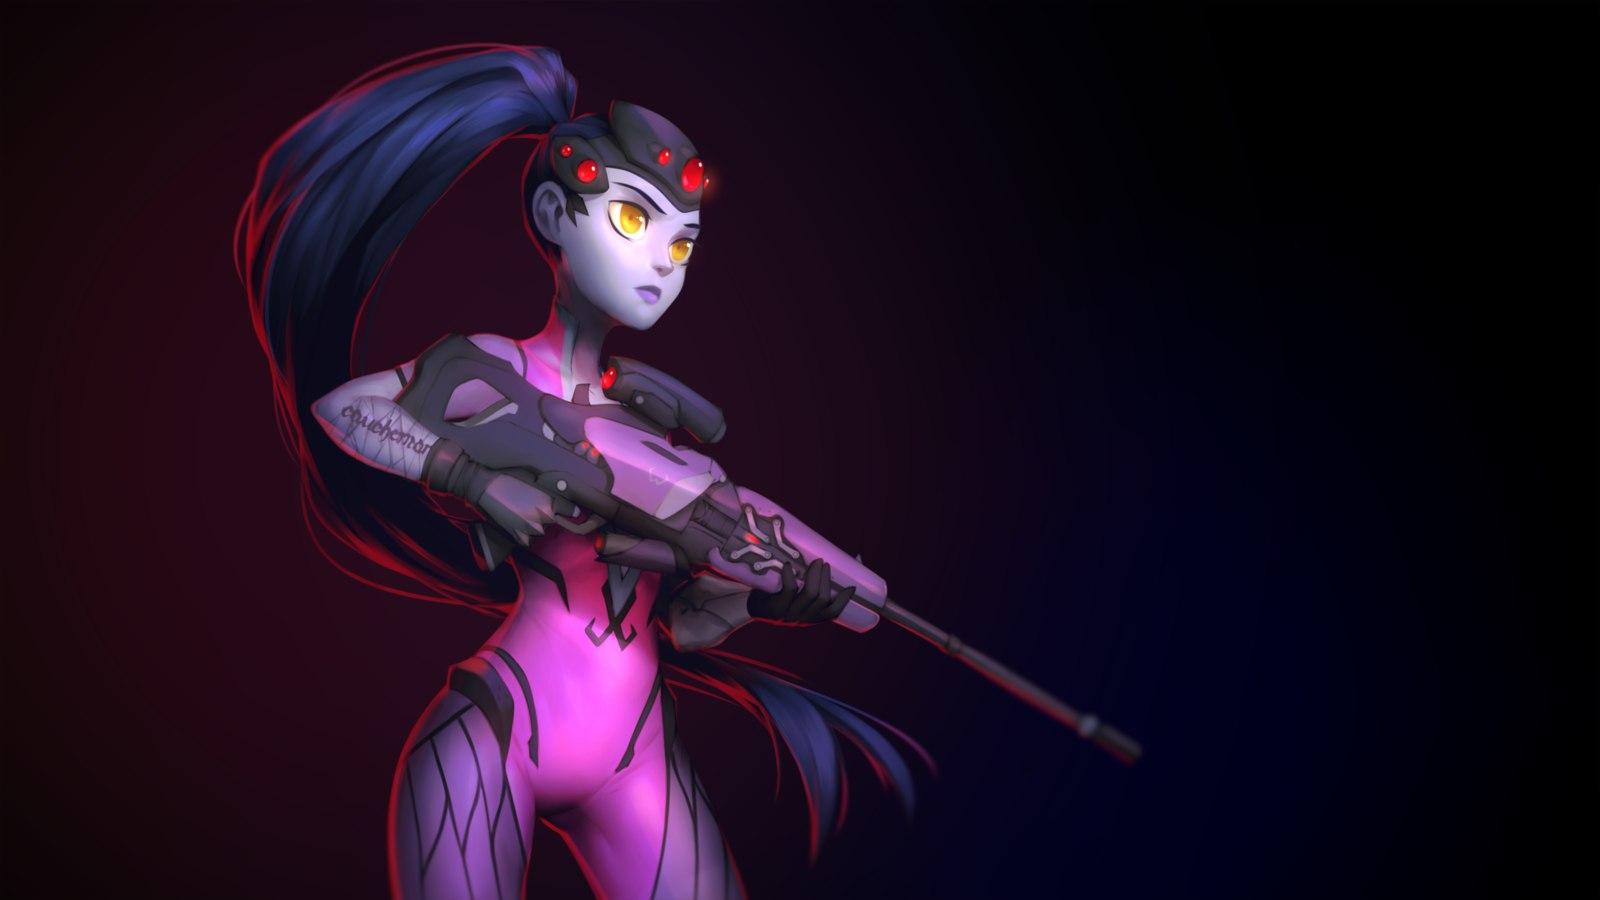 Widowmaker Overwatch Saige199